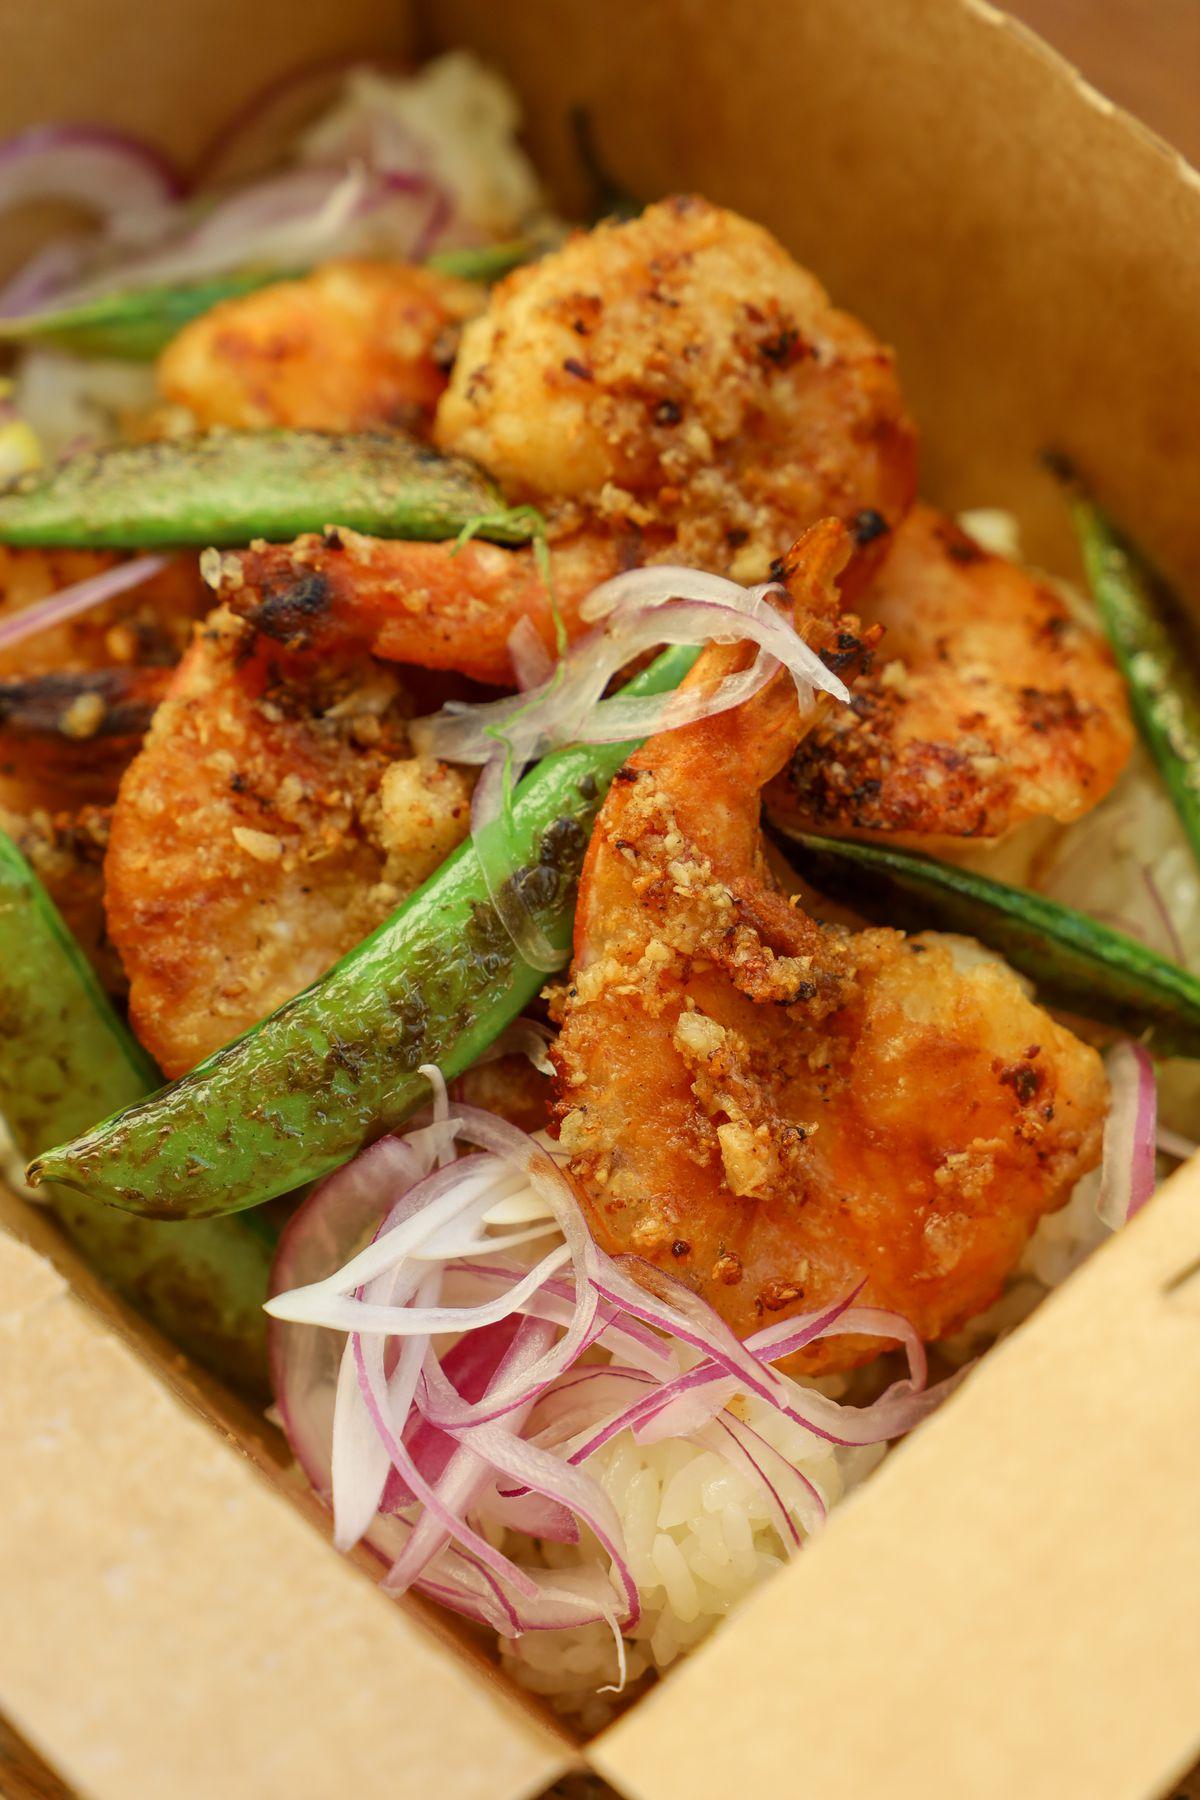 The garlic butter firecracker shrimp from Salty Cargo